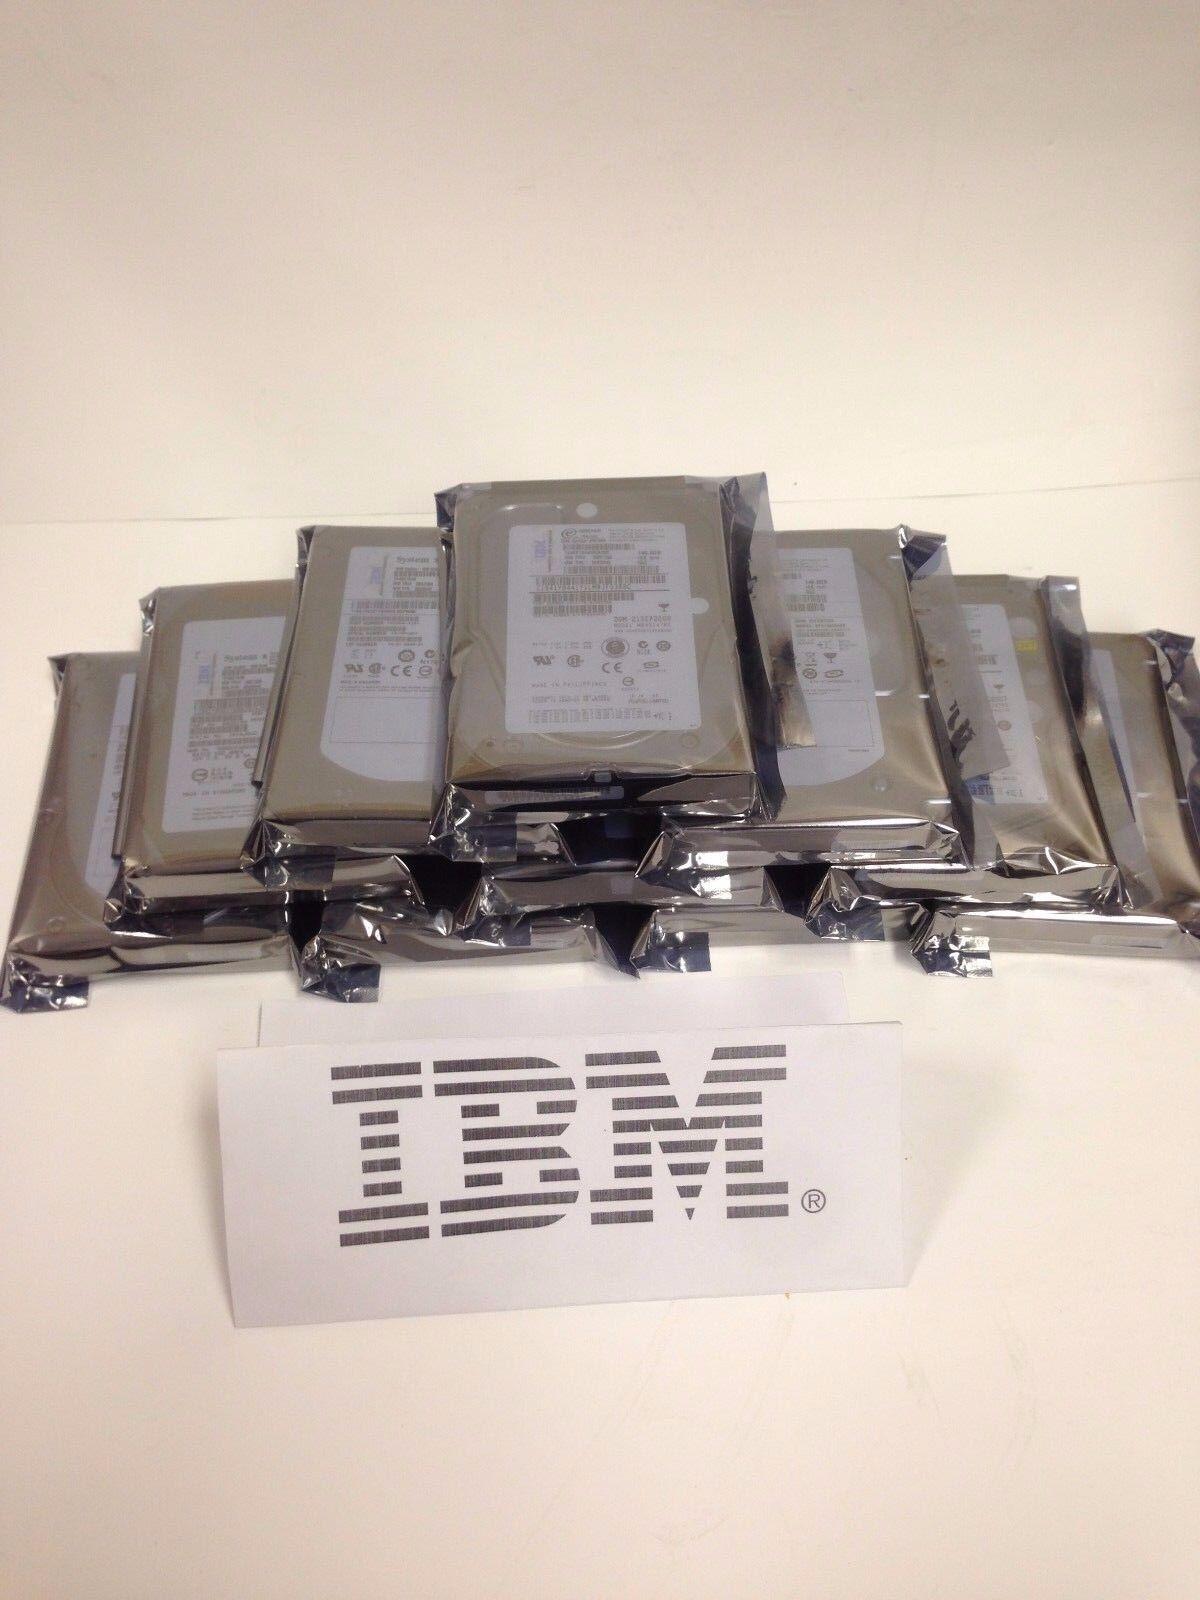 90P1316 IBM 26K5158 73GB U320 NHS SCSI HARD DRIVE